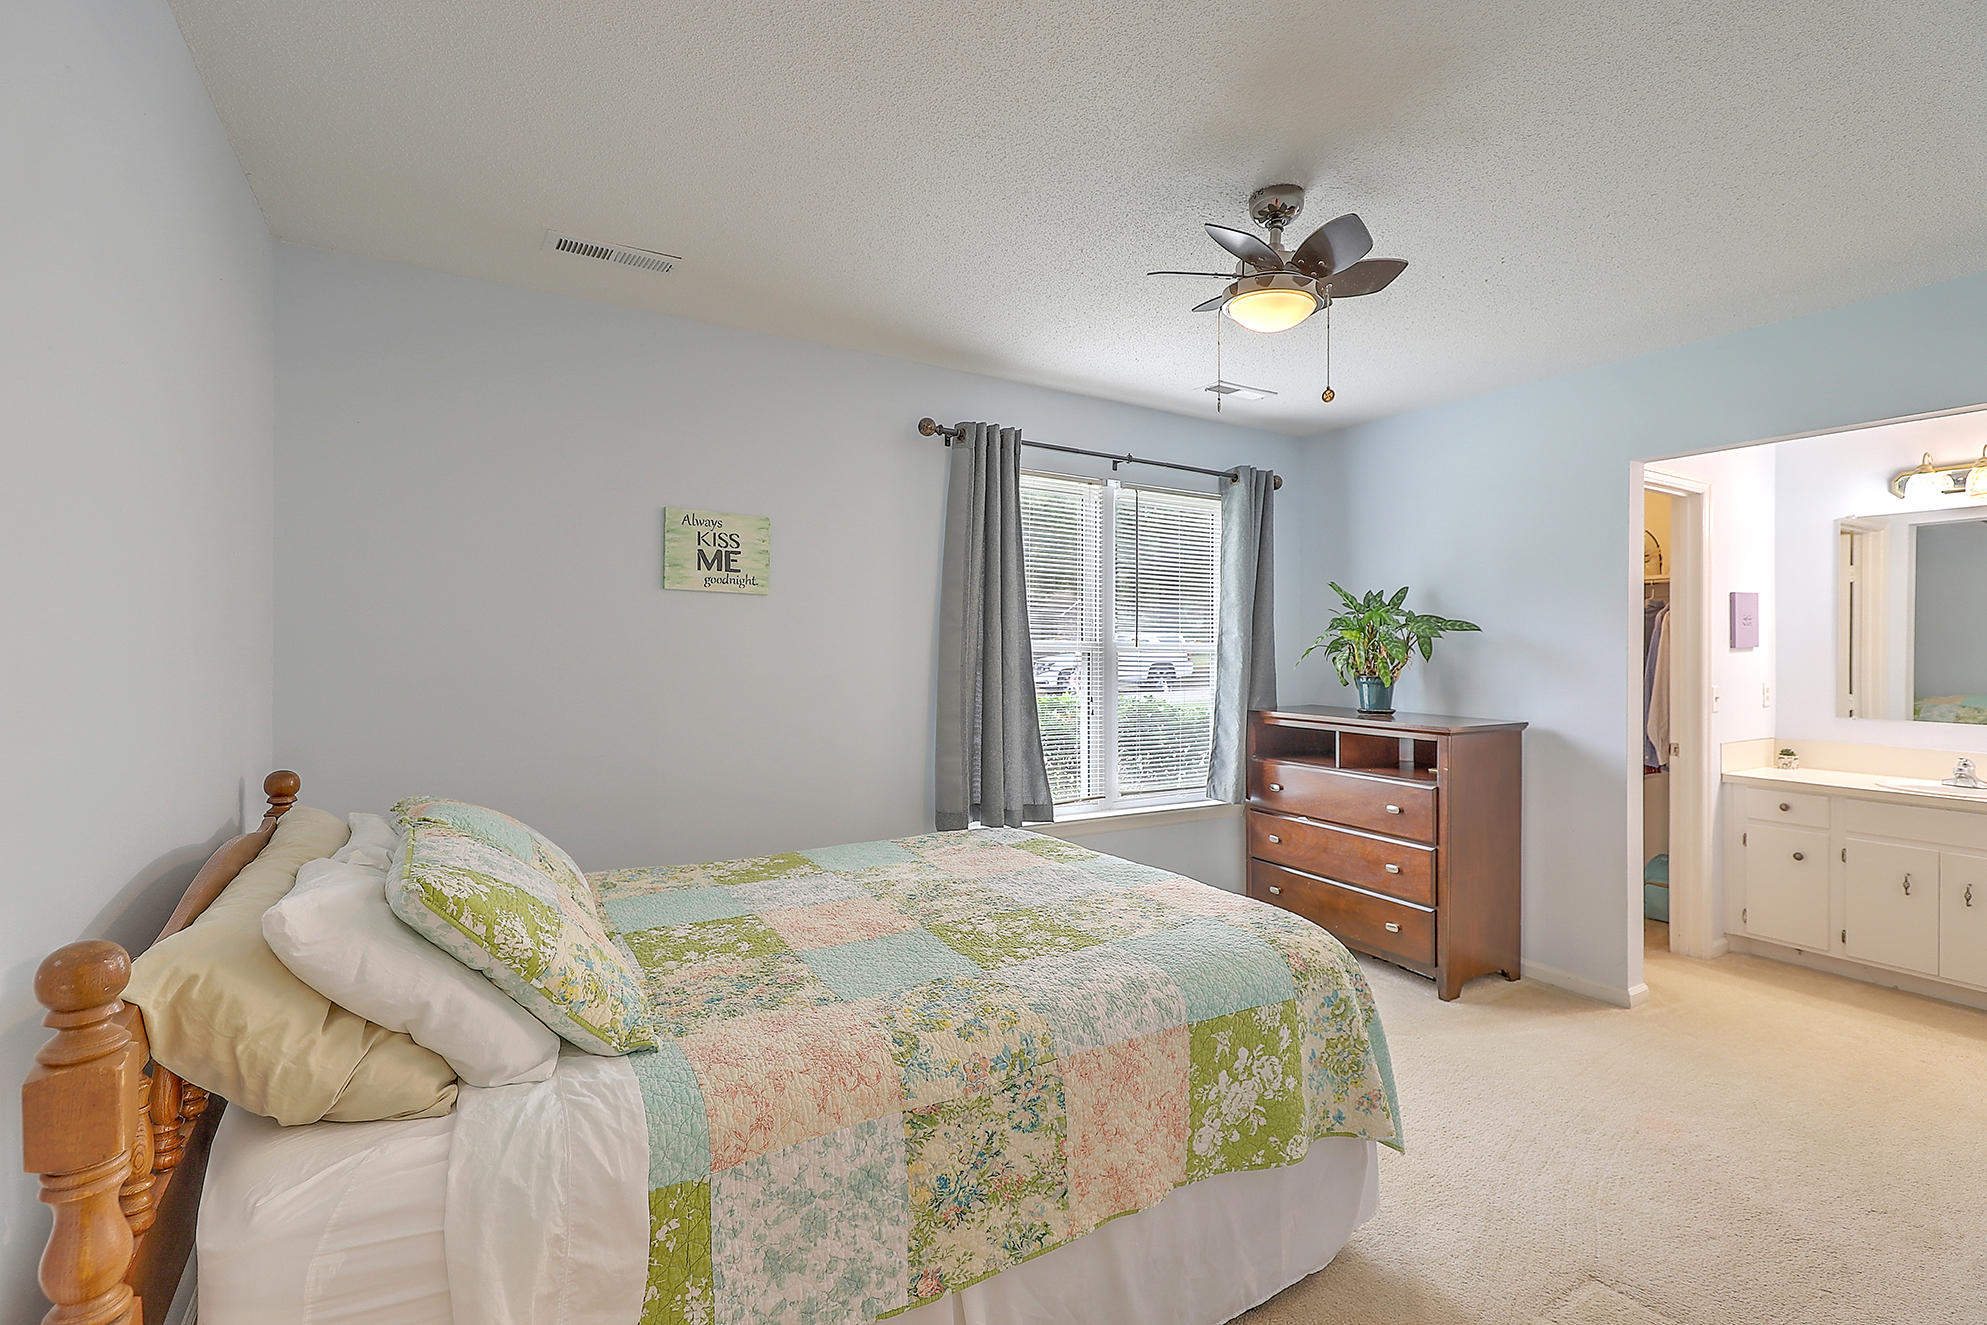 Willowbrook I Homes For Sale - 37 Delaware, Goose Creek, SC - 15